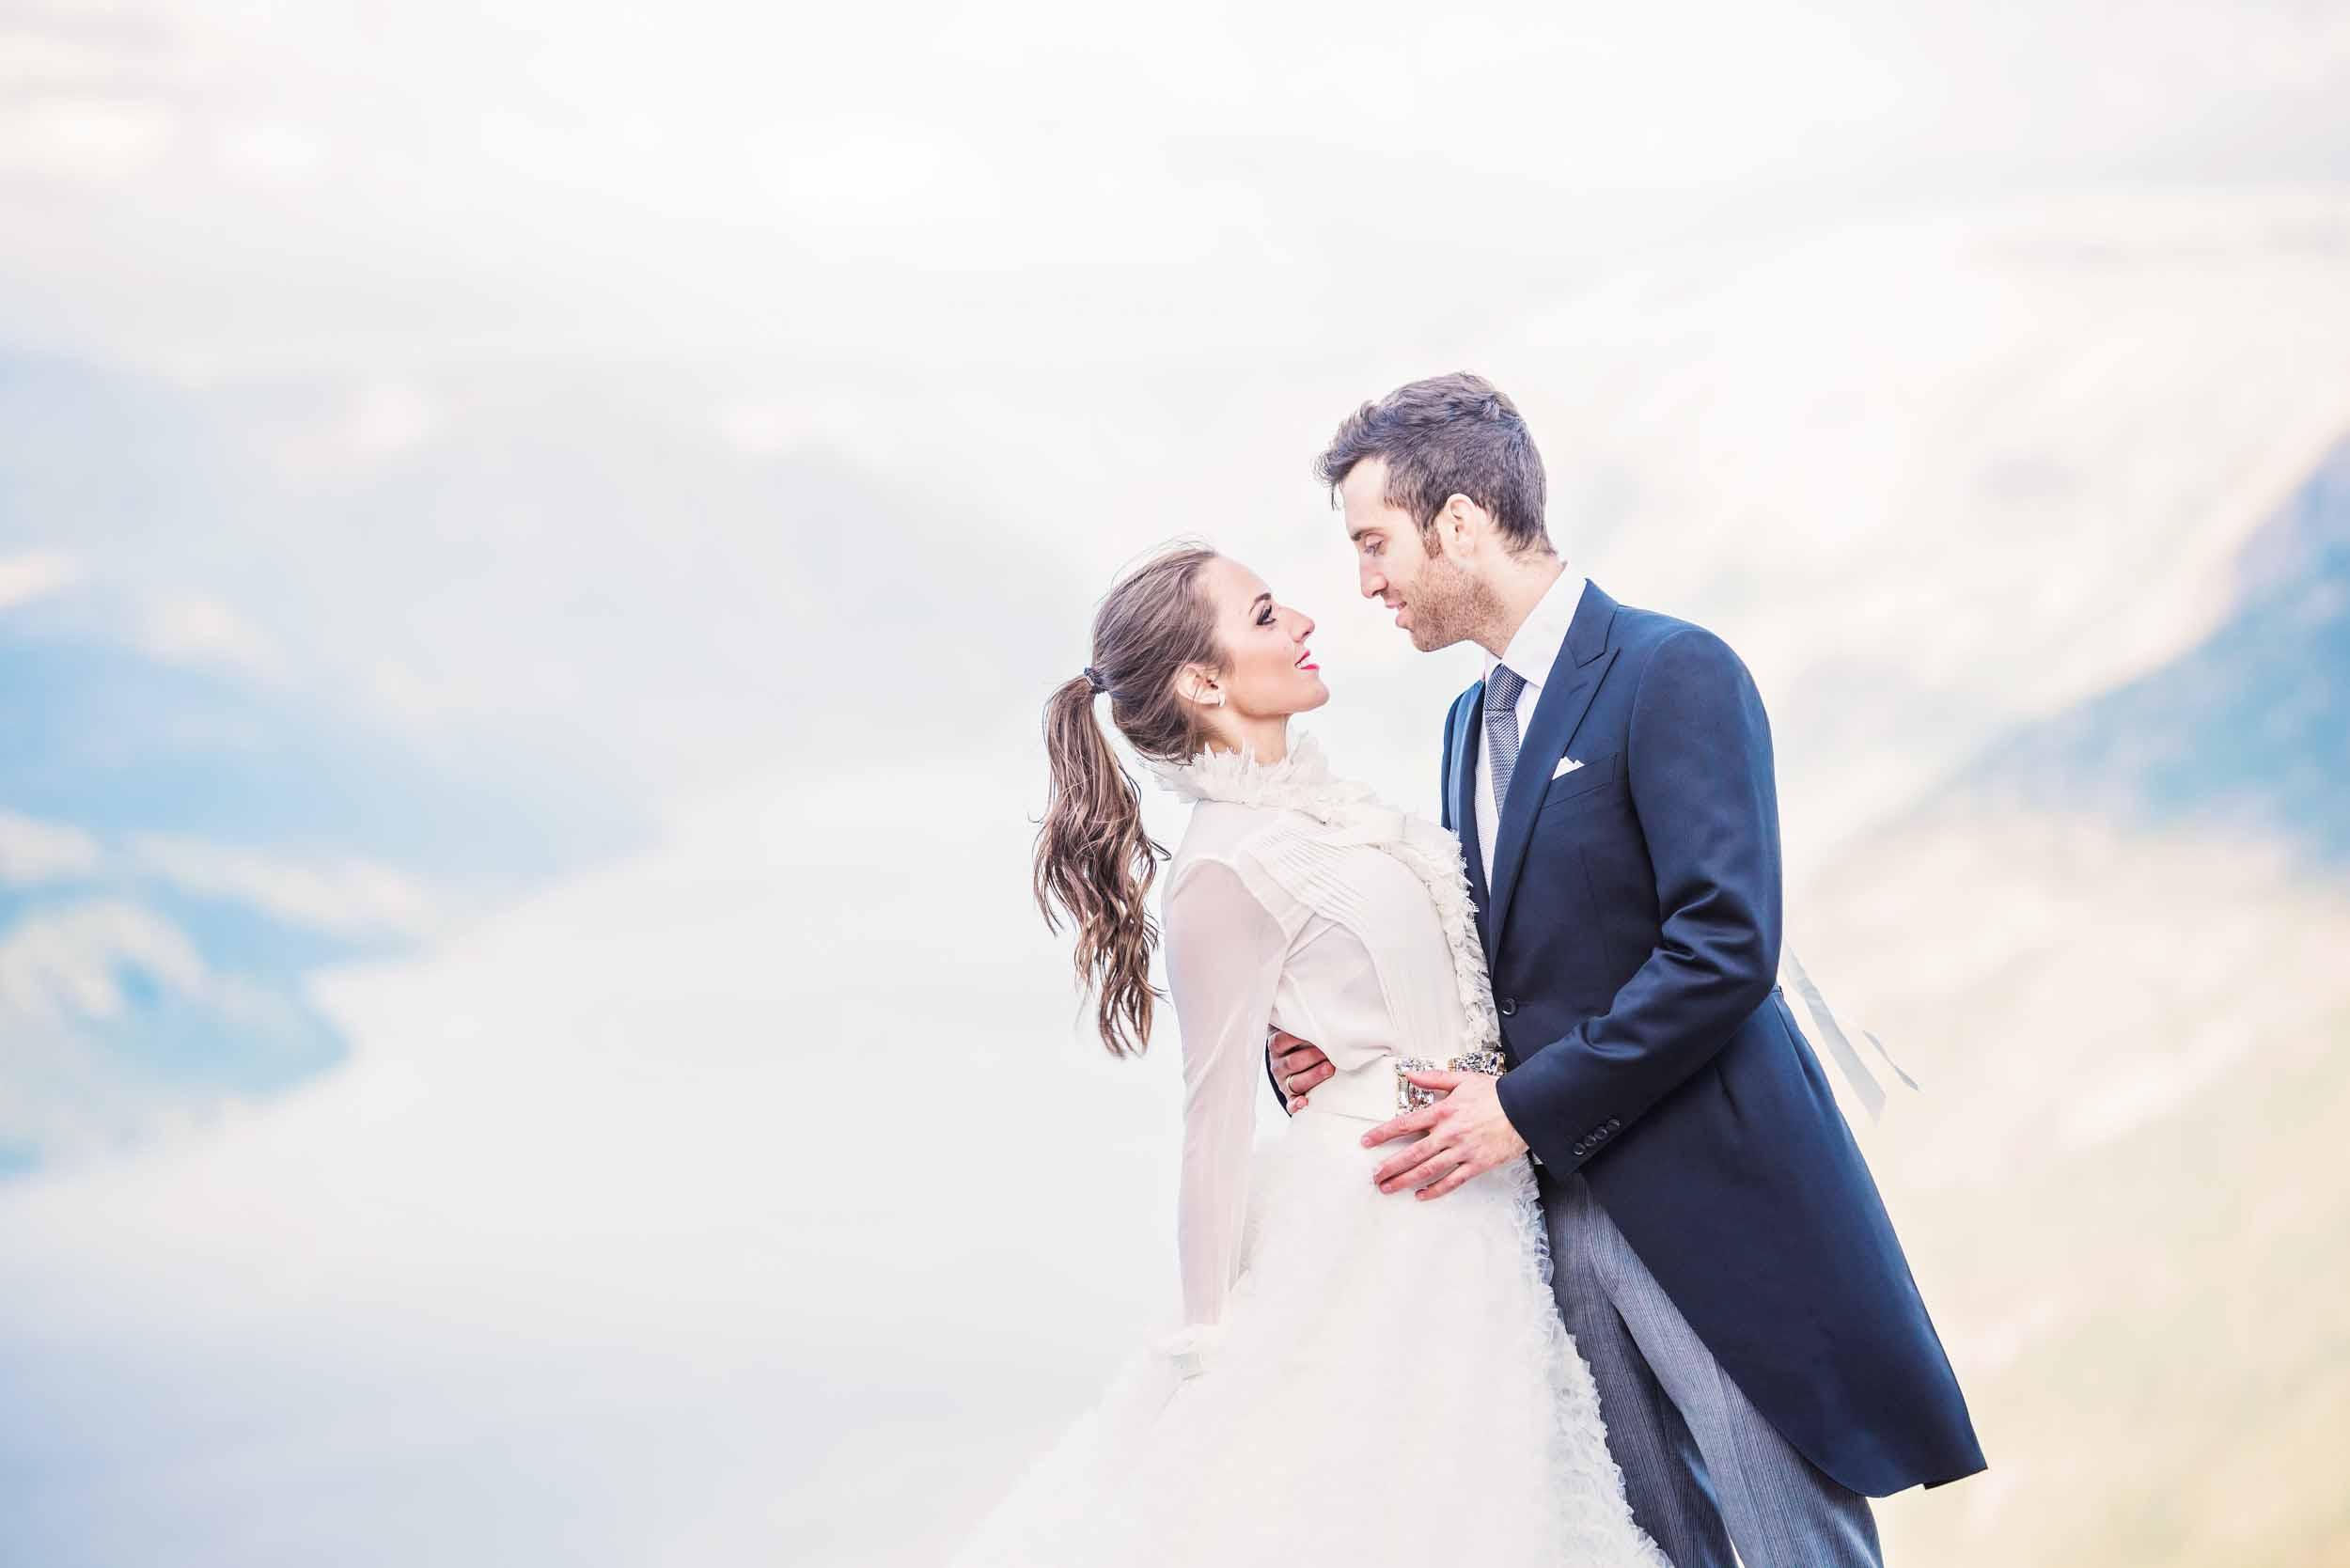 Antonio & Cati Post boda en Noruega. 2017 8